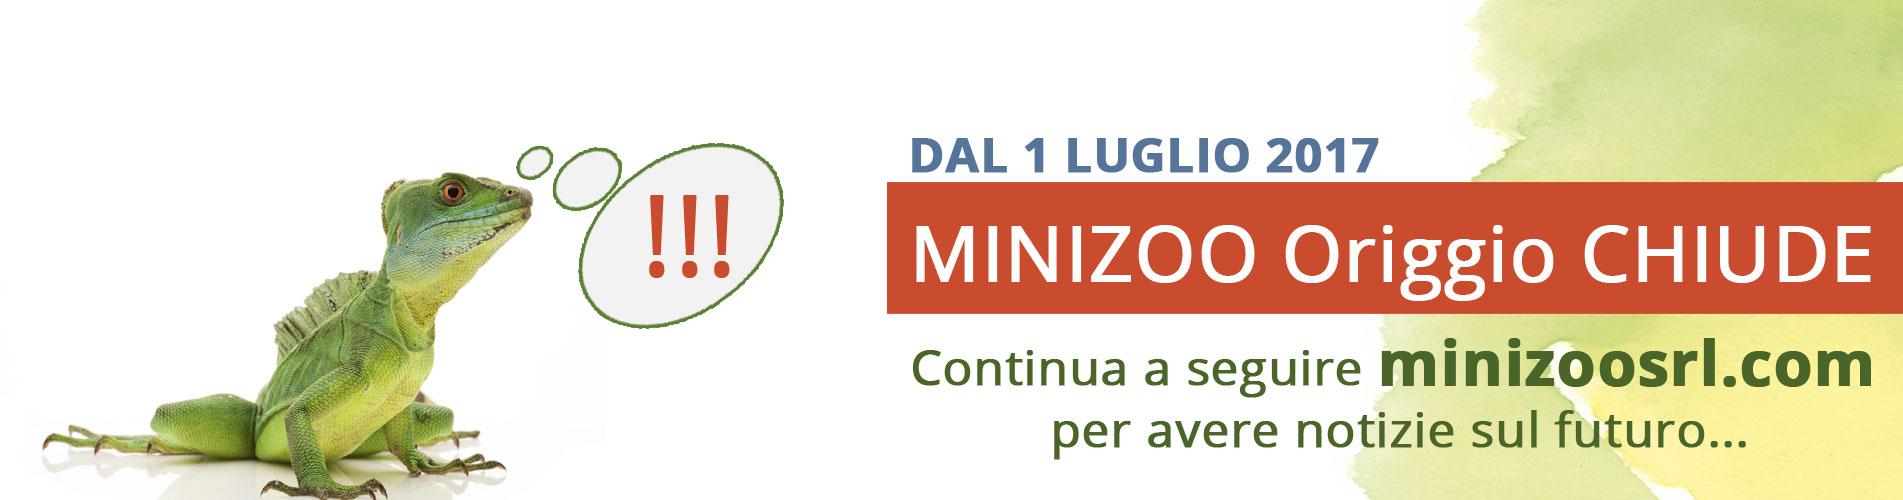 Minizoo-Origgio-Chiude